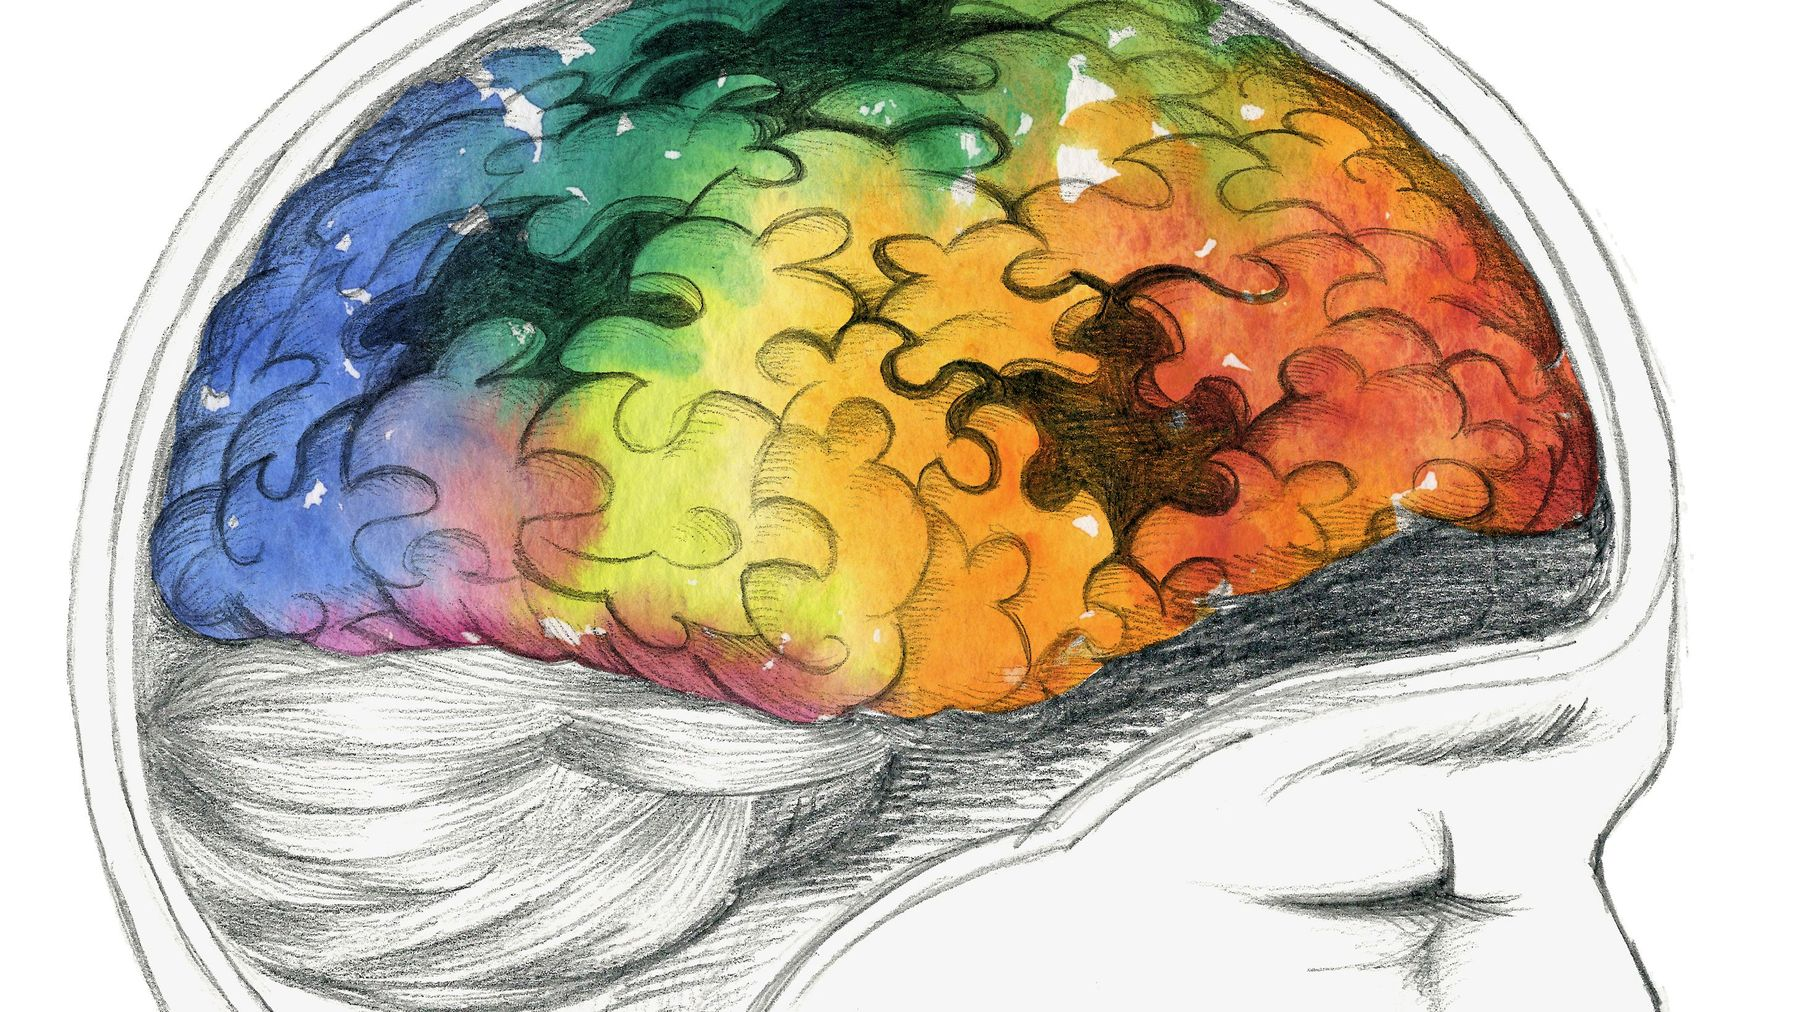 Psikanaliz Birliği'nden LGBT'ye: Eşcinselliği Akıl Hastalığı Olarak Nitelediğimiz İçin Özür Dileriz